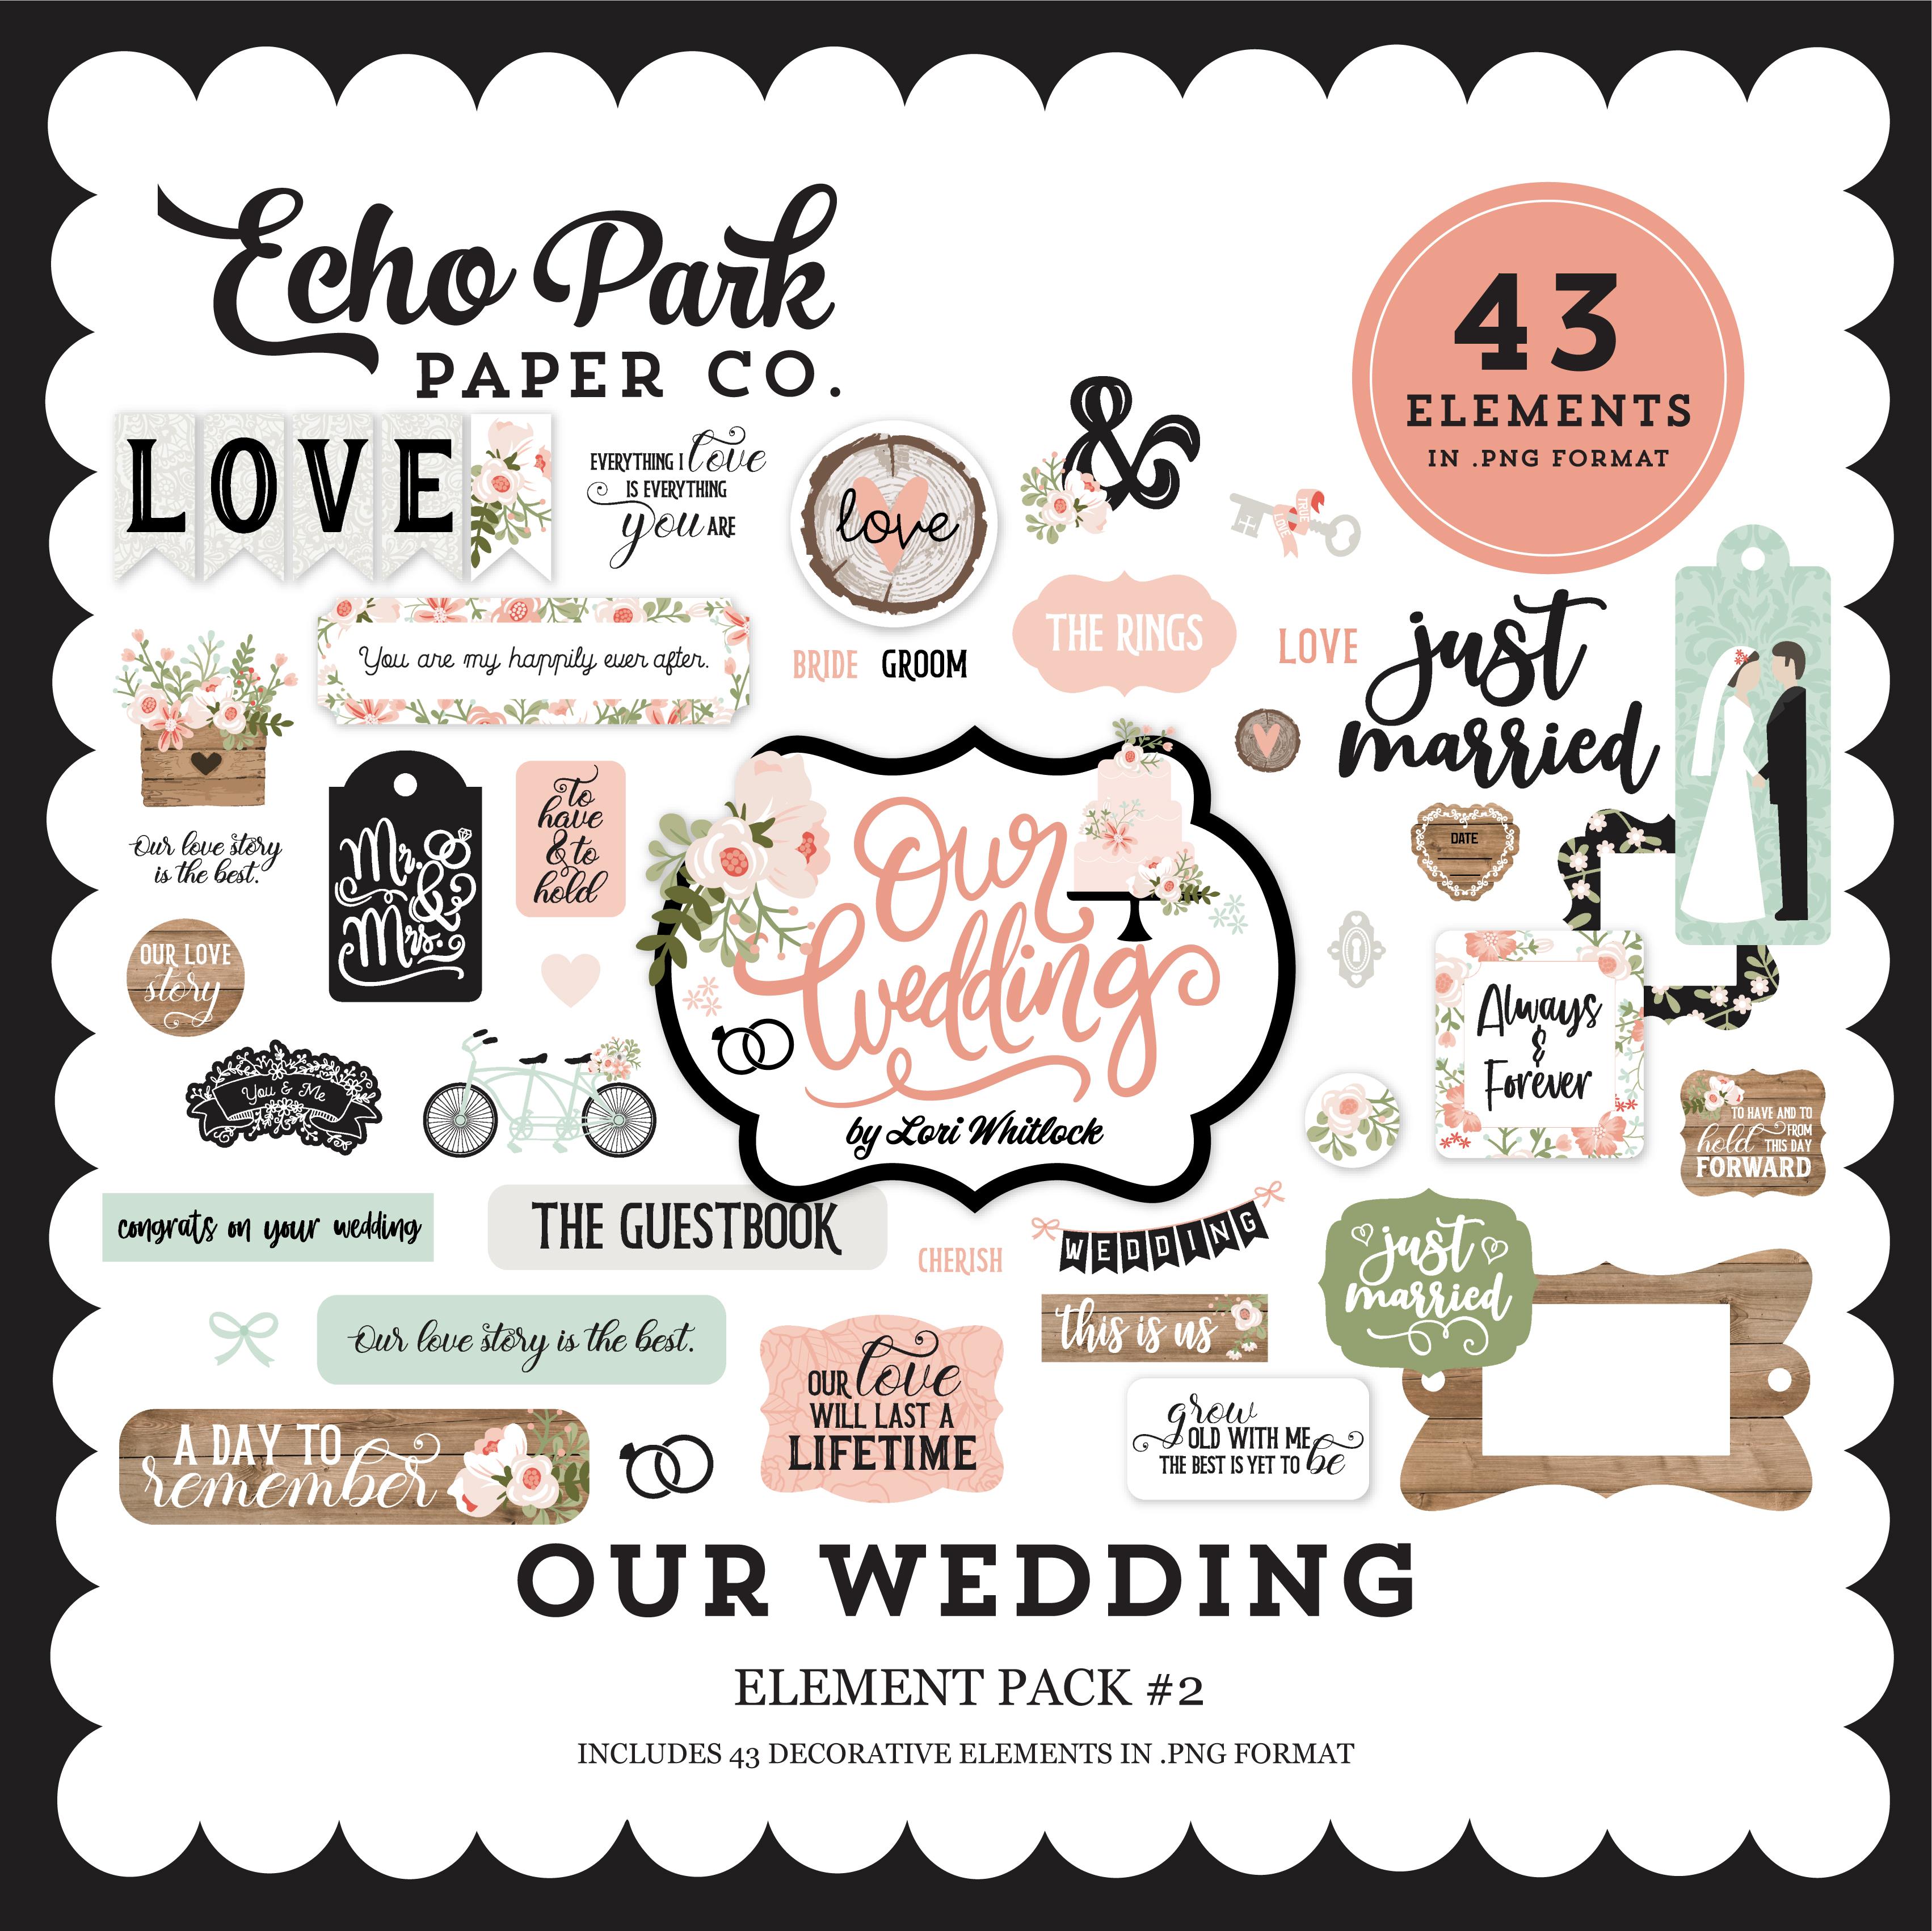 Our Wedding Mega Collection